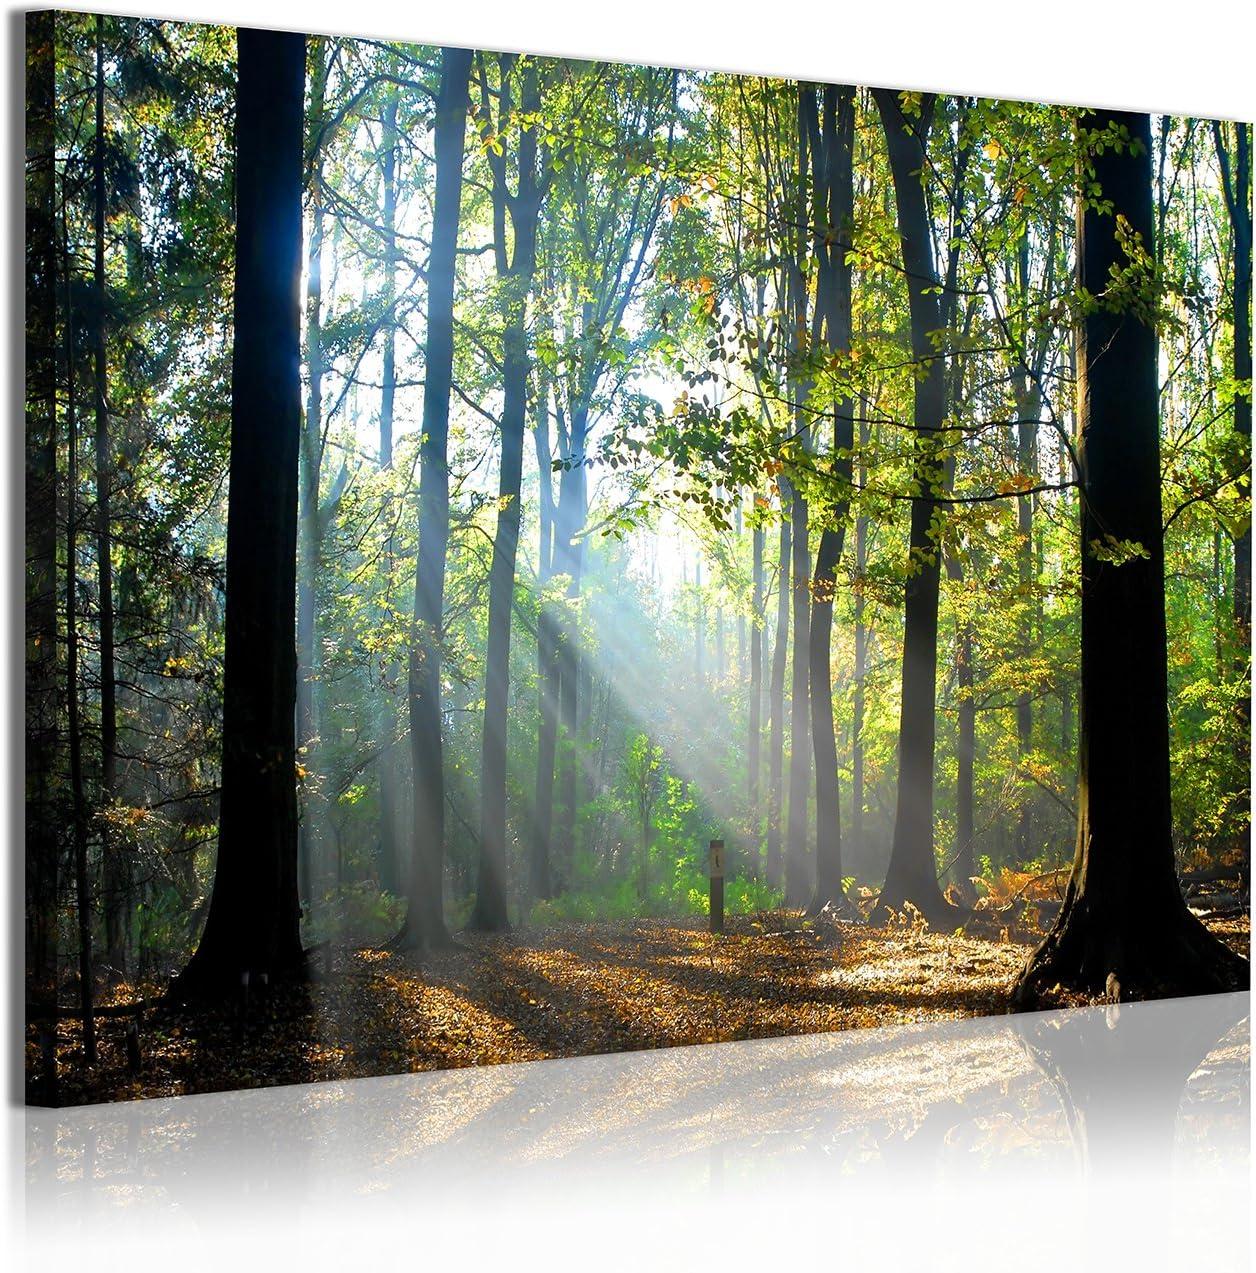 DekoArte Cuadros Modernos Impresión de Imagen Artística Digitalizada, Lienzo Decorativo para Tu Salón o Dormitorio, Estilo Paisaje Bosques Árboles con Rayos de Sol Naturaleza, Multicolor, 120x3x80 cm